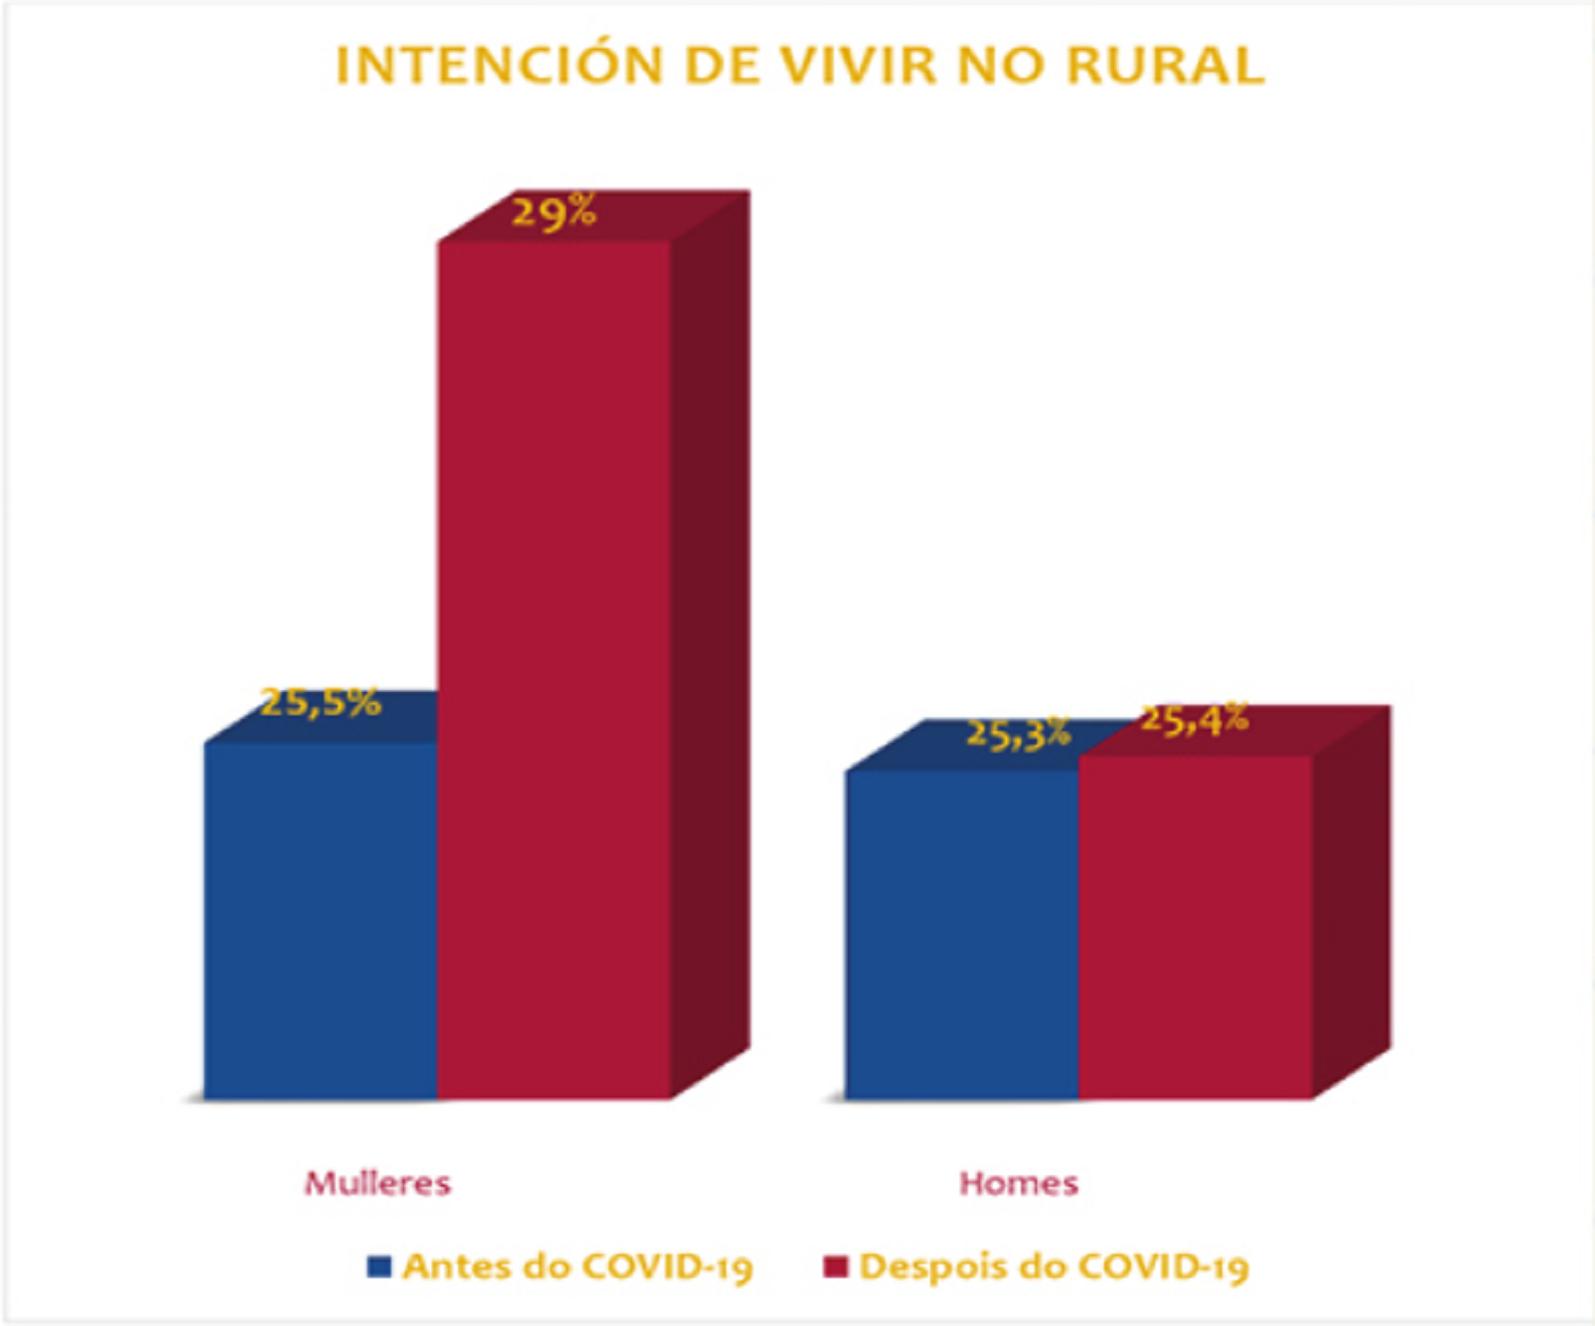 Intención de vivir no rural